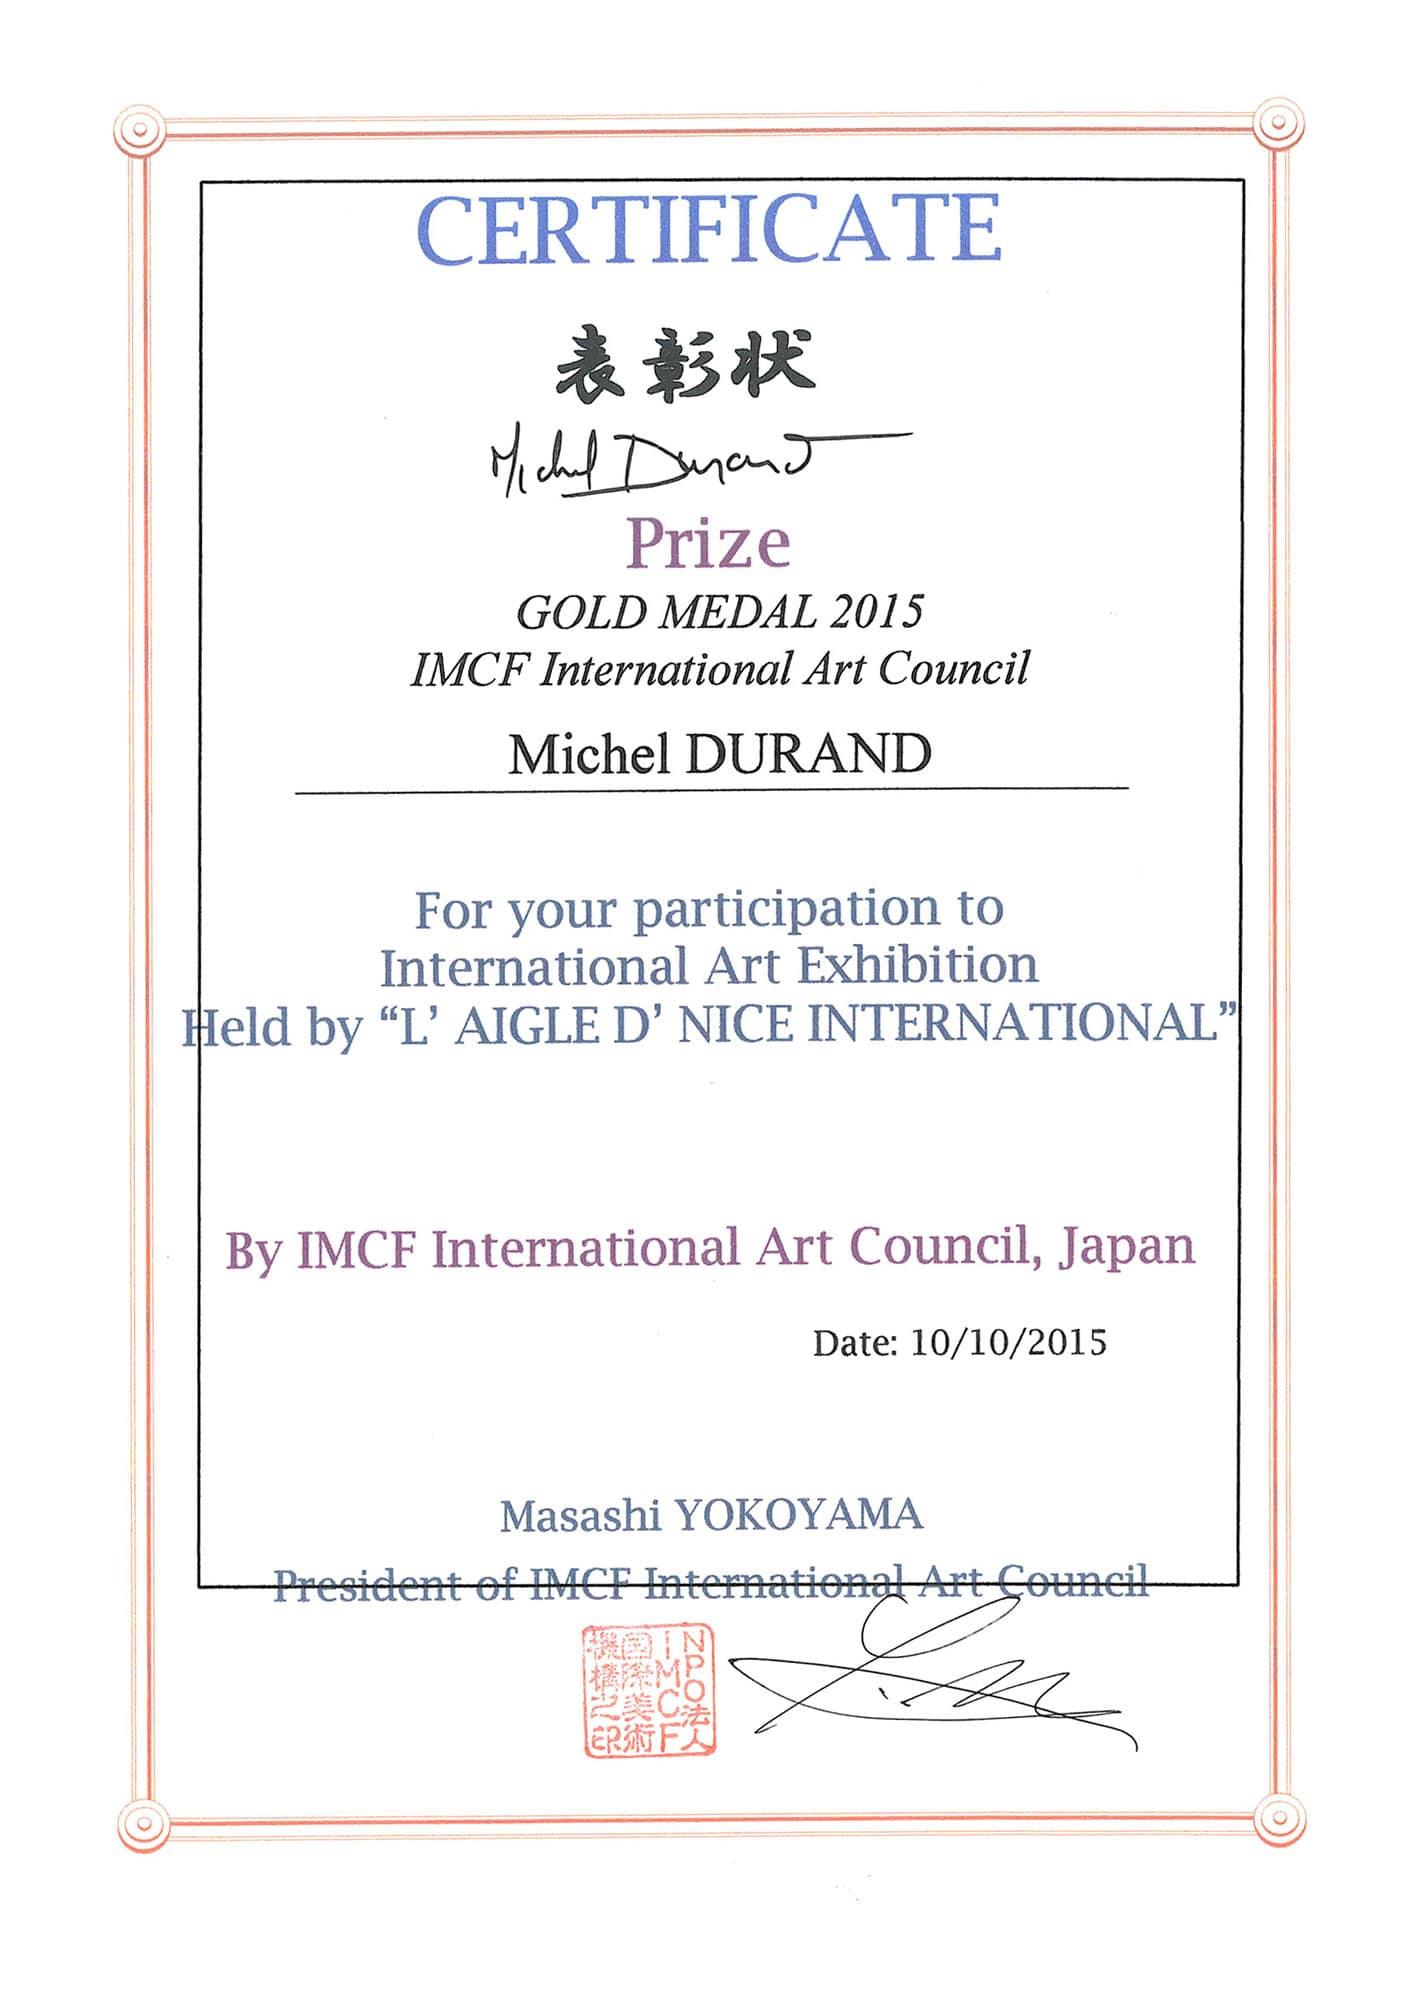 International Art Council, Japan